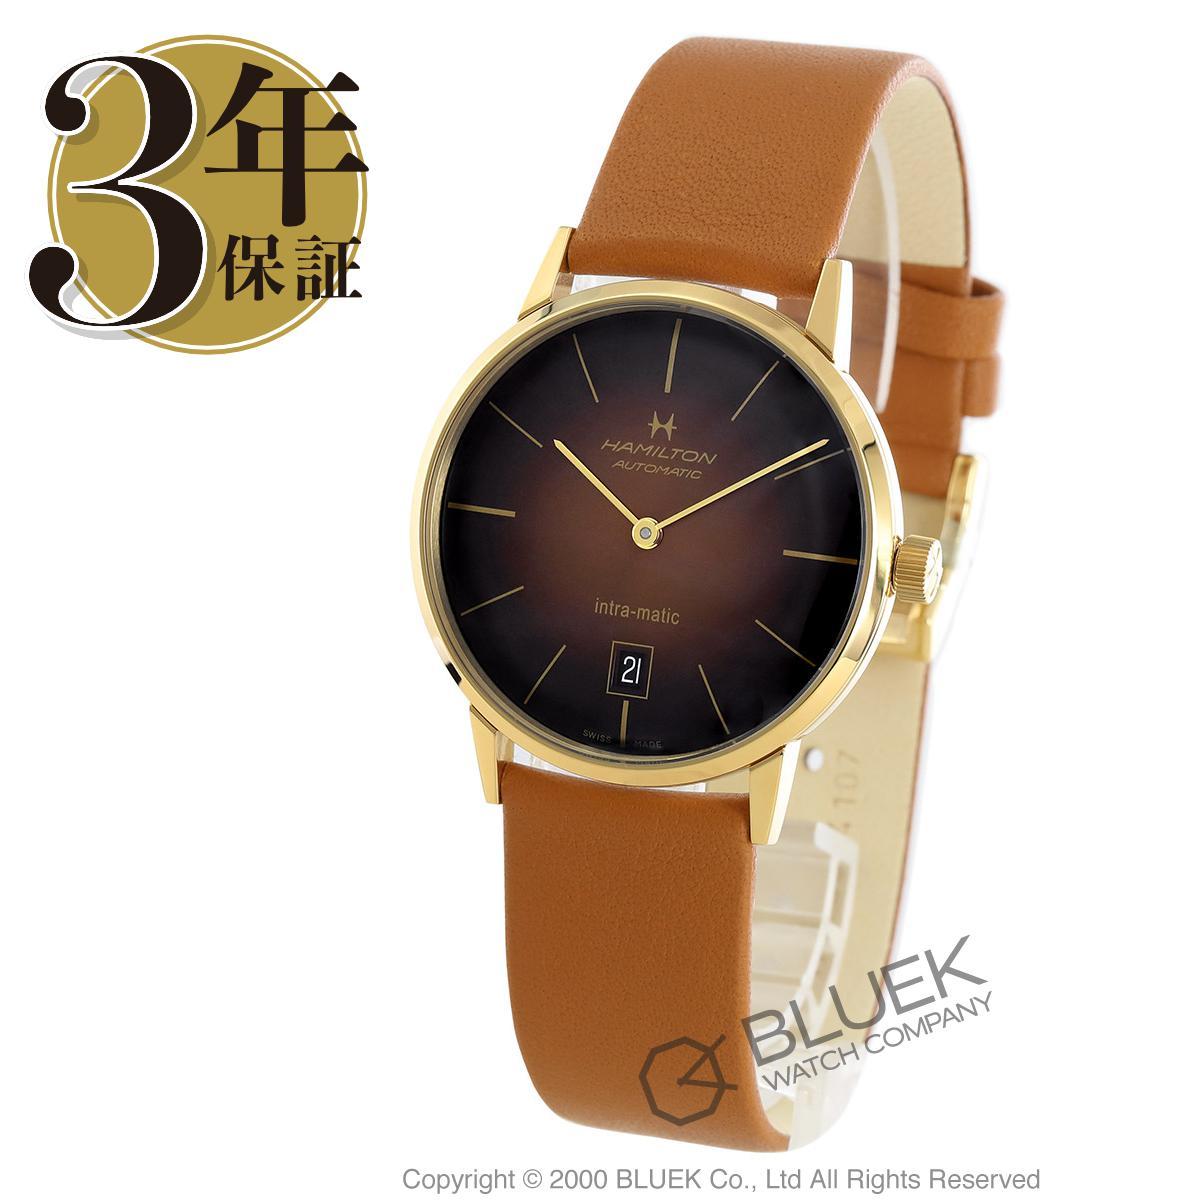 ハミルトン アメリカンクラシック イントラマティック 腕時計 メンズ HAMILTON H38475501_3